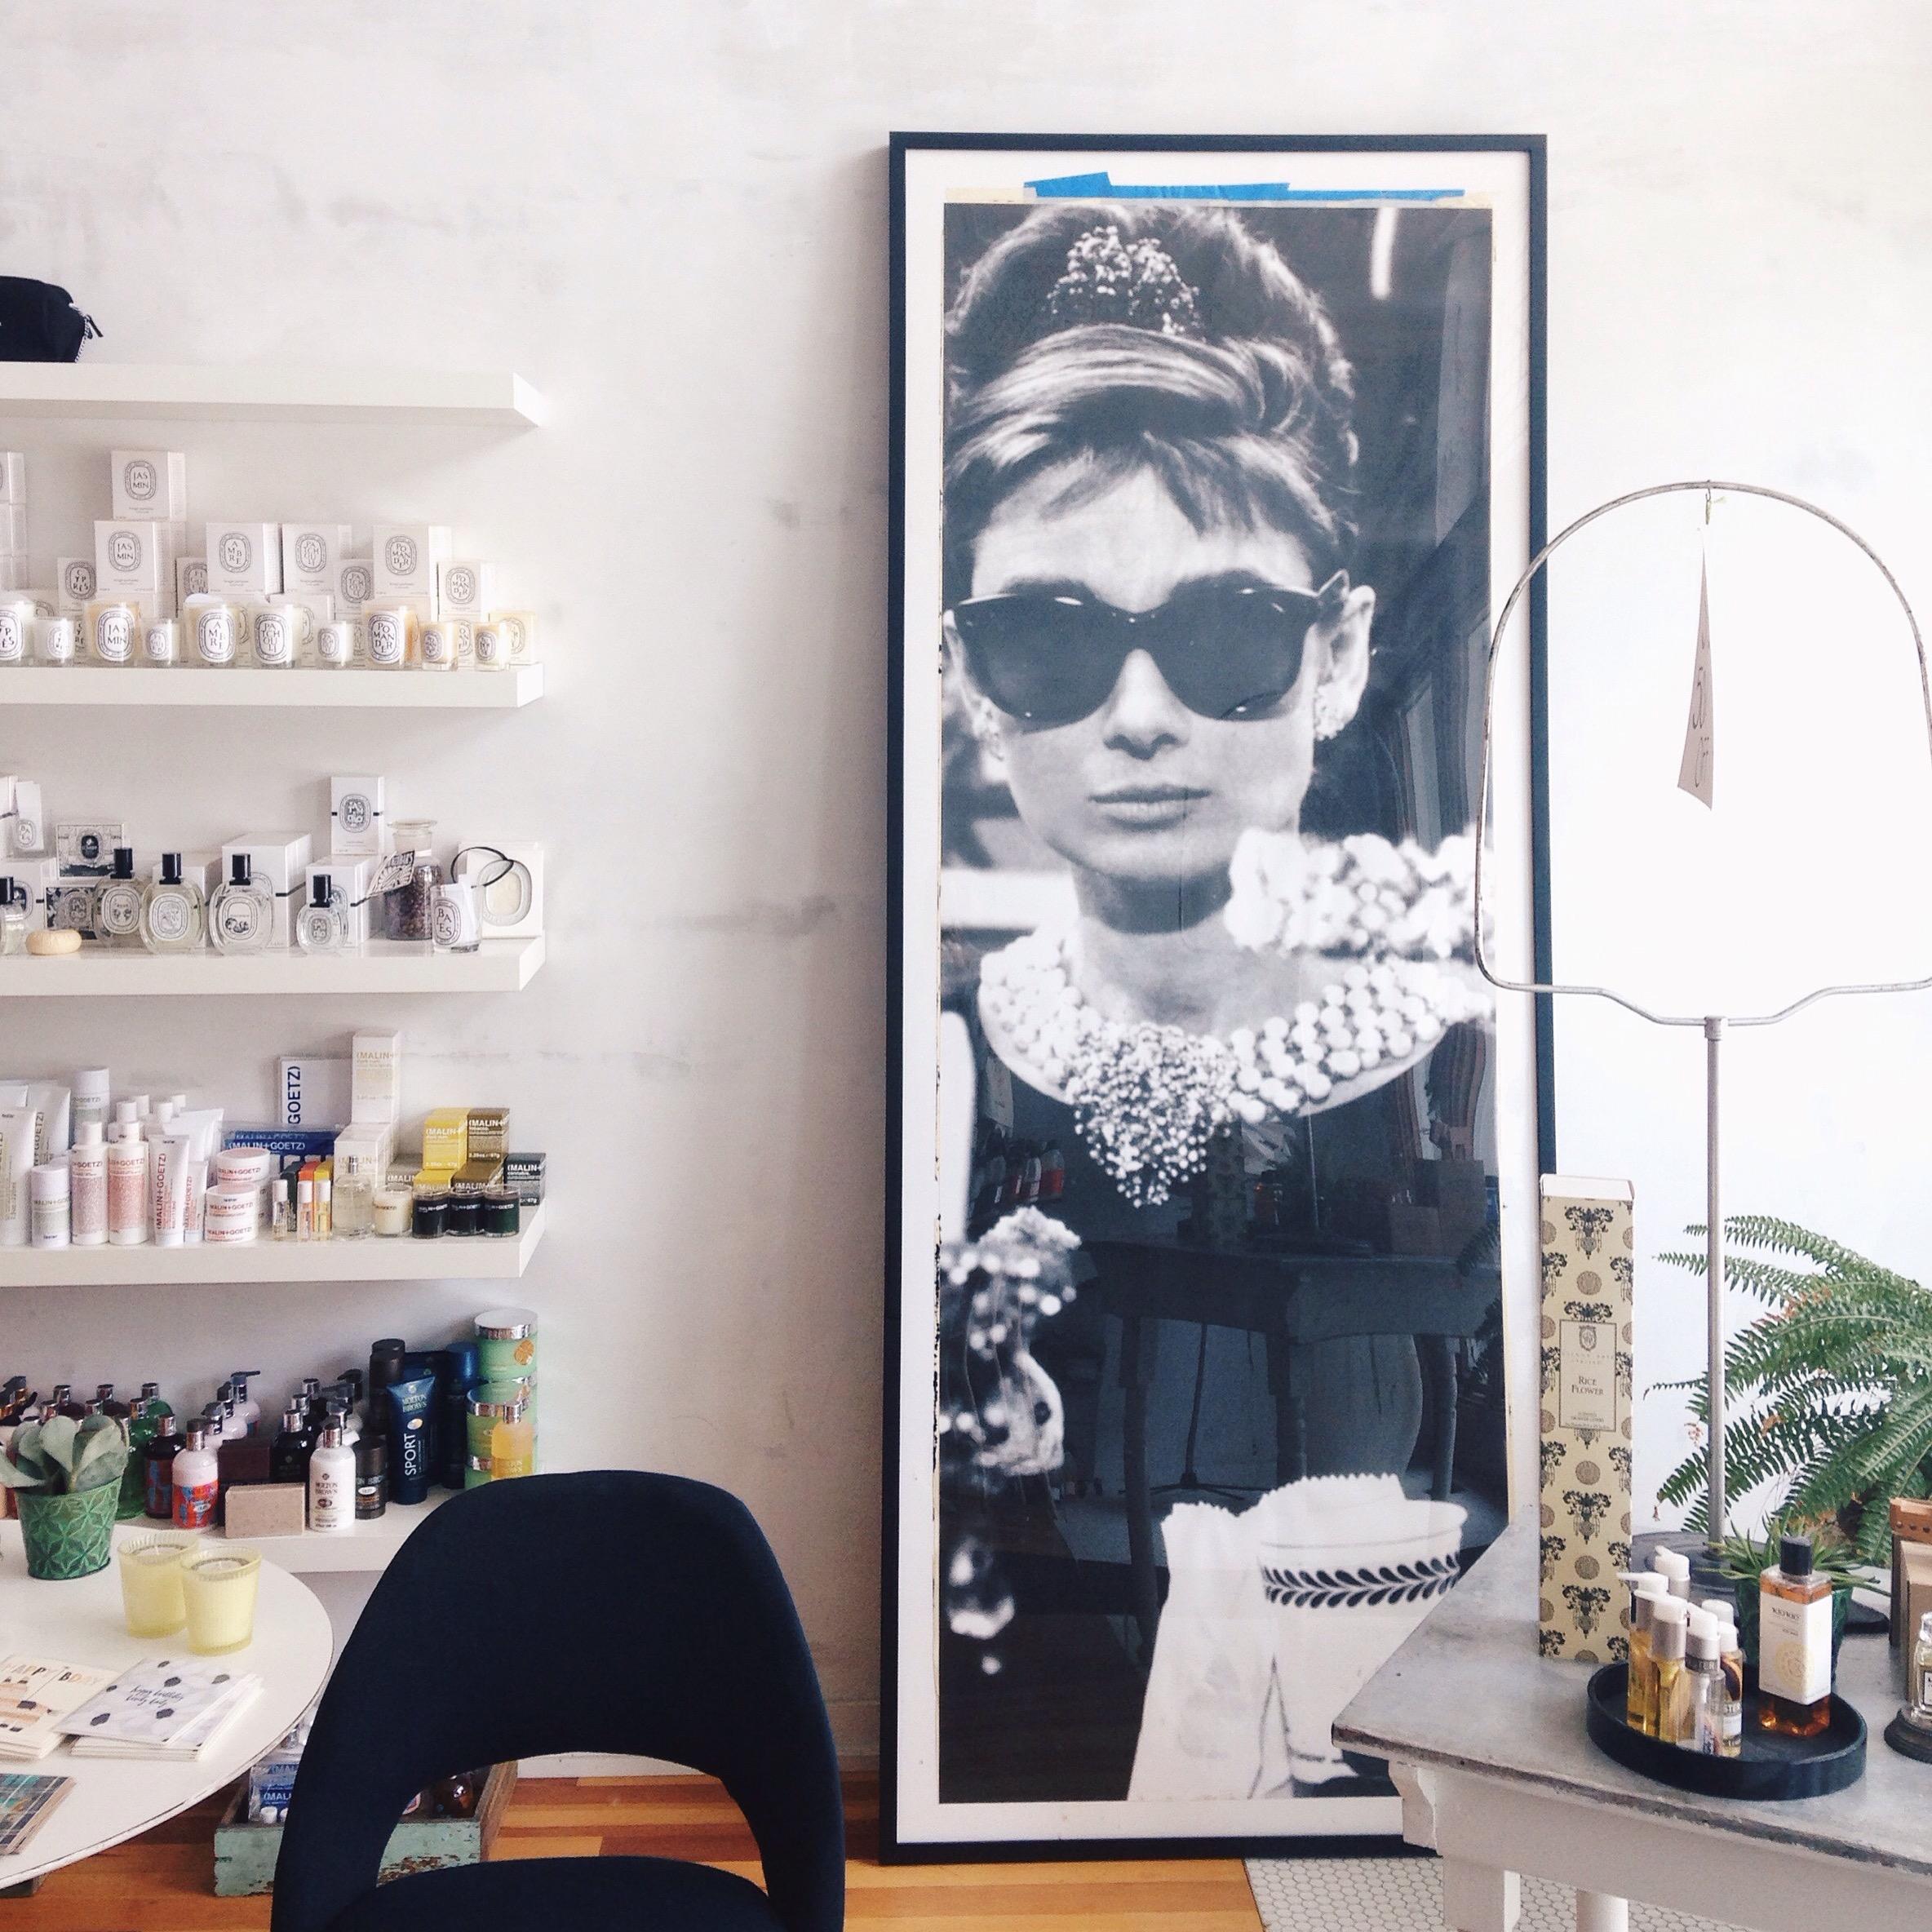 The infamous Audrey Hepburn poster.